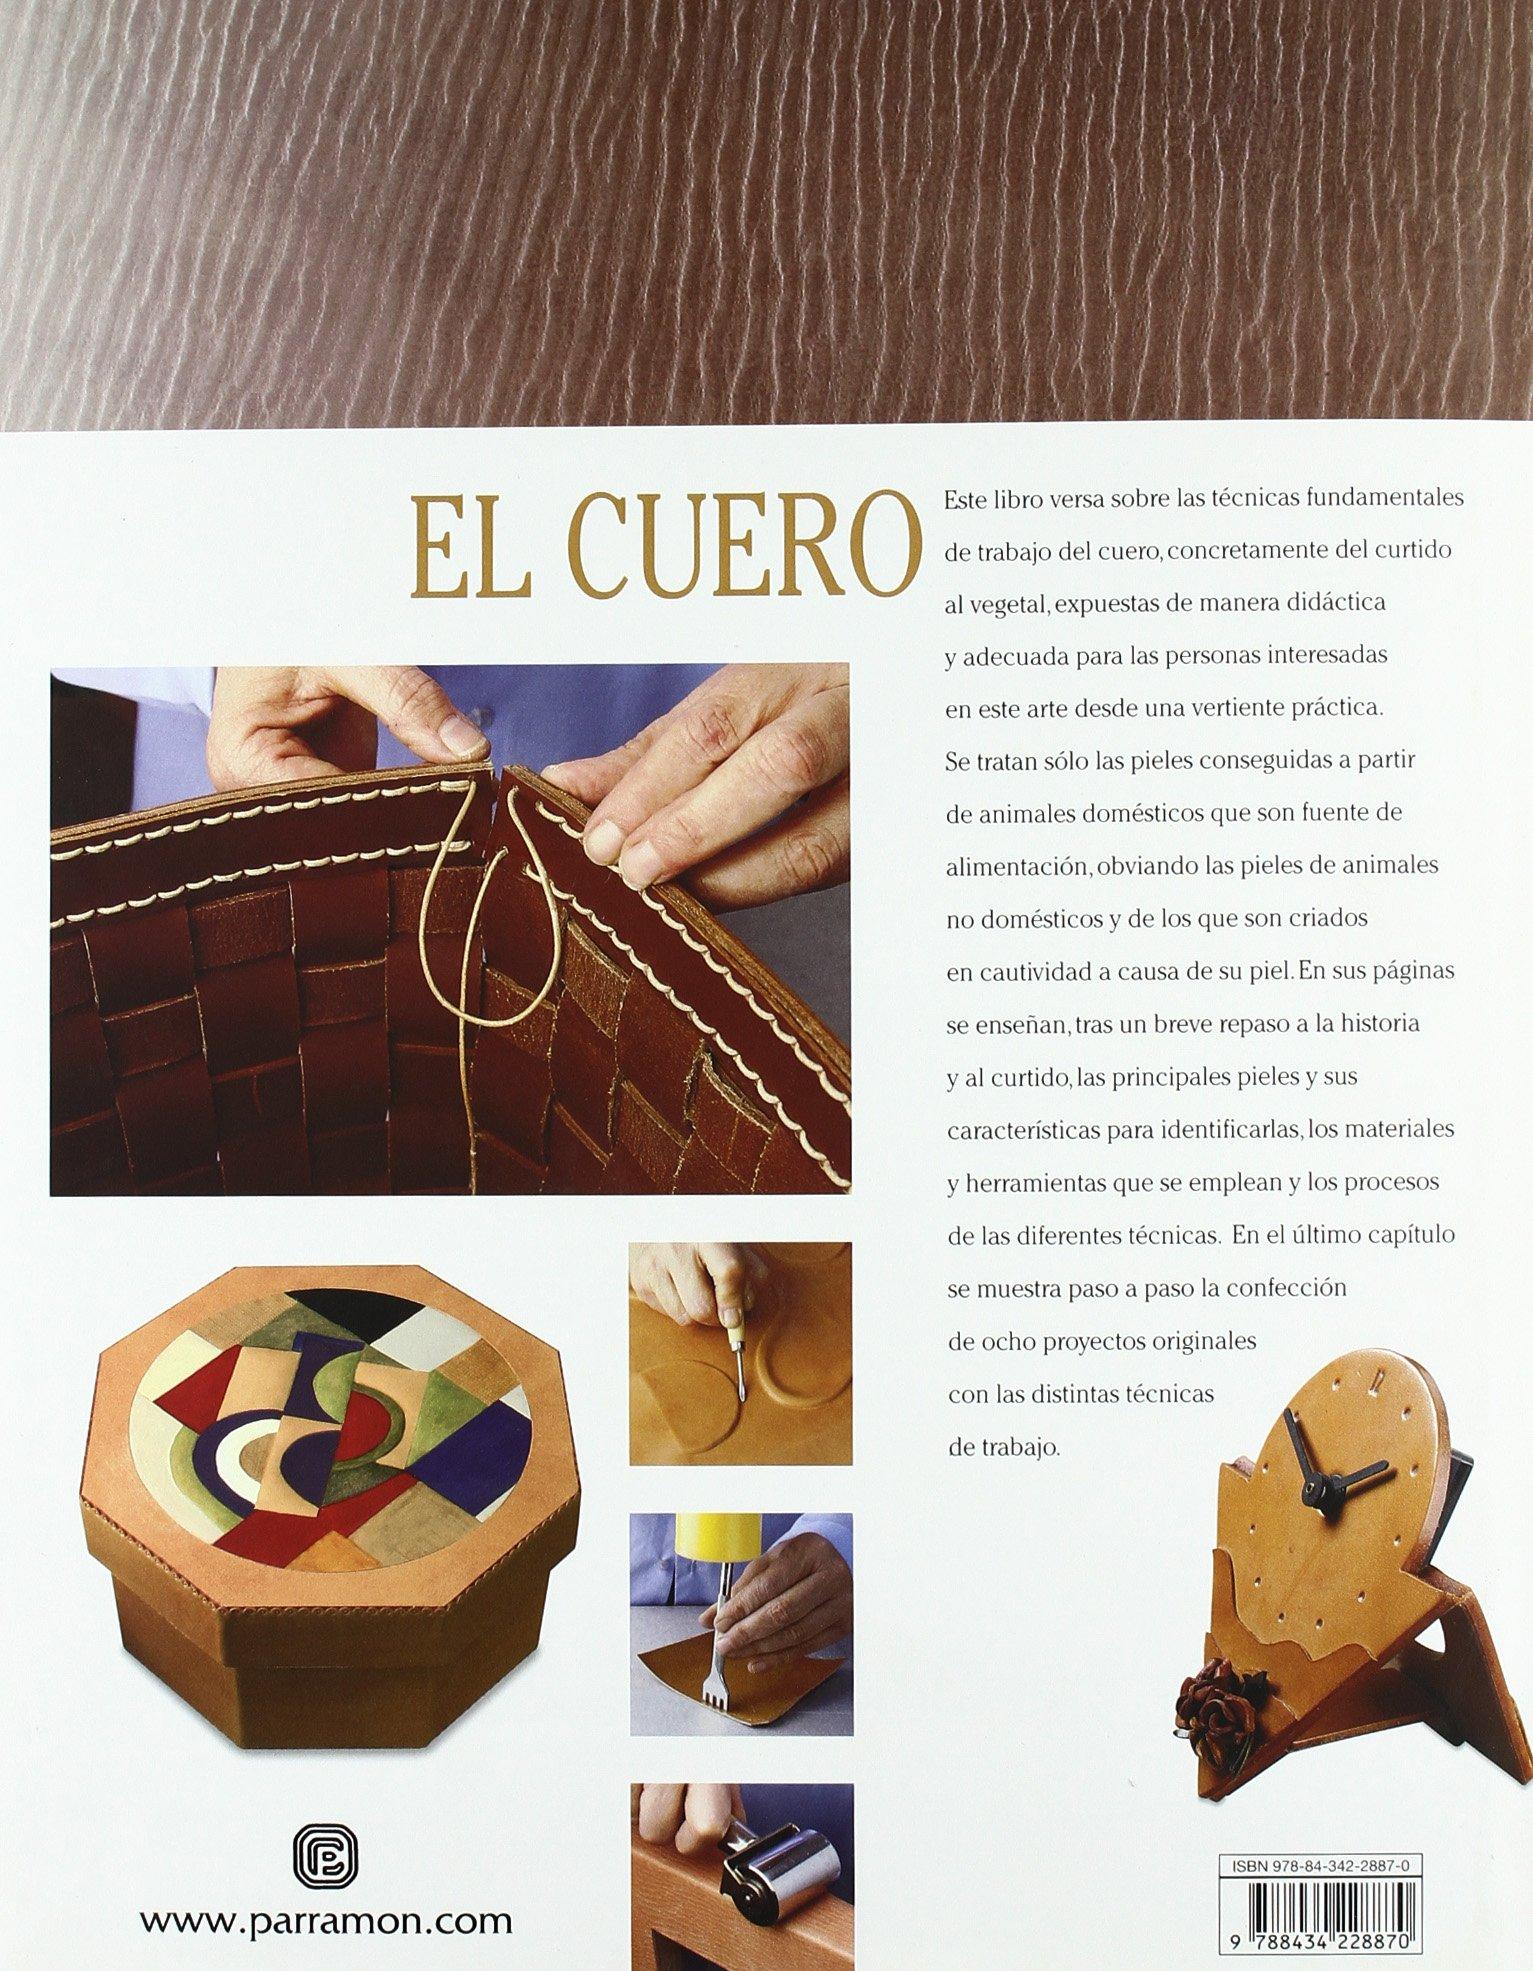 d44f042ea El Cuero (Artes y oficios): Amazon.es: Eva Pascual i Miró, Maria Teresa  Lladó i Riba, Félix De la Fuente, Isabel García Durán, José Luis Bazán  Fernández, ...